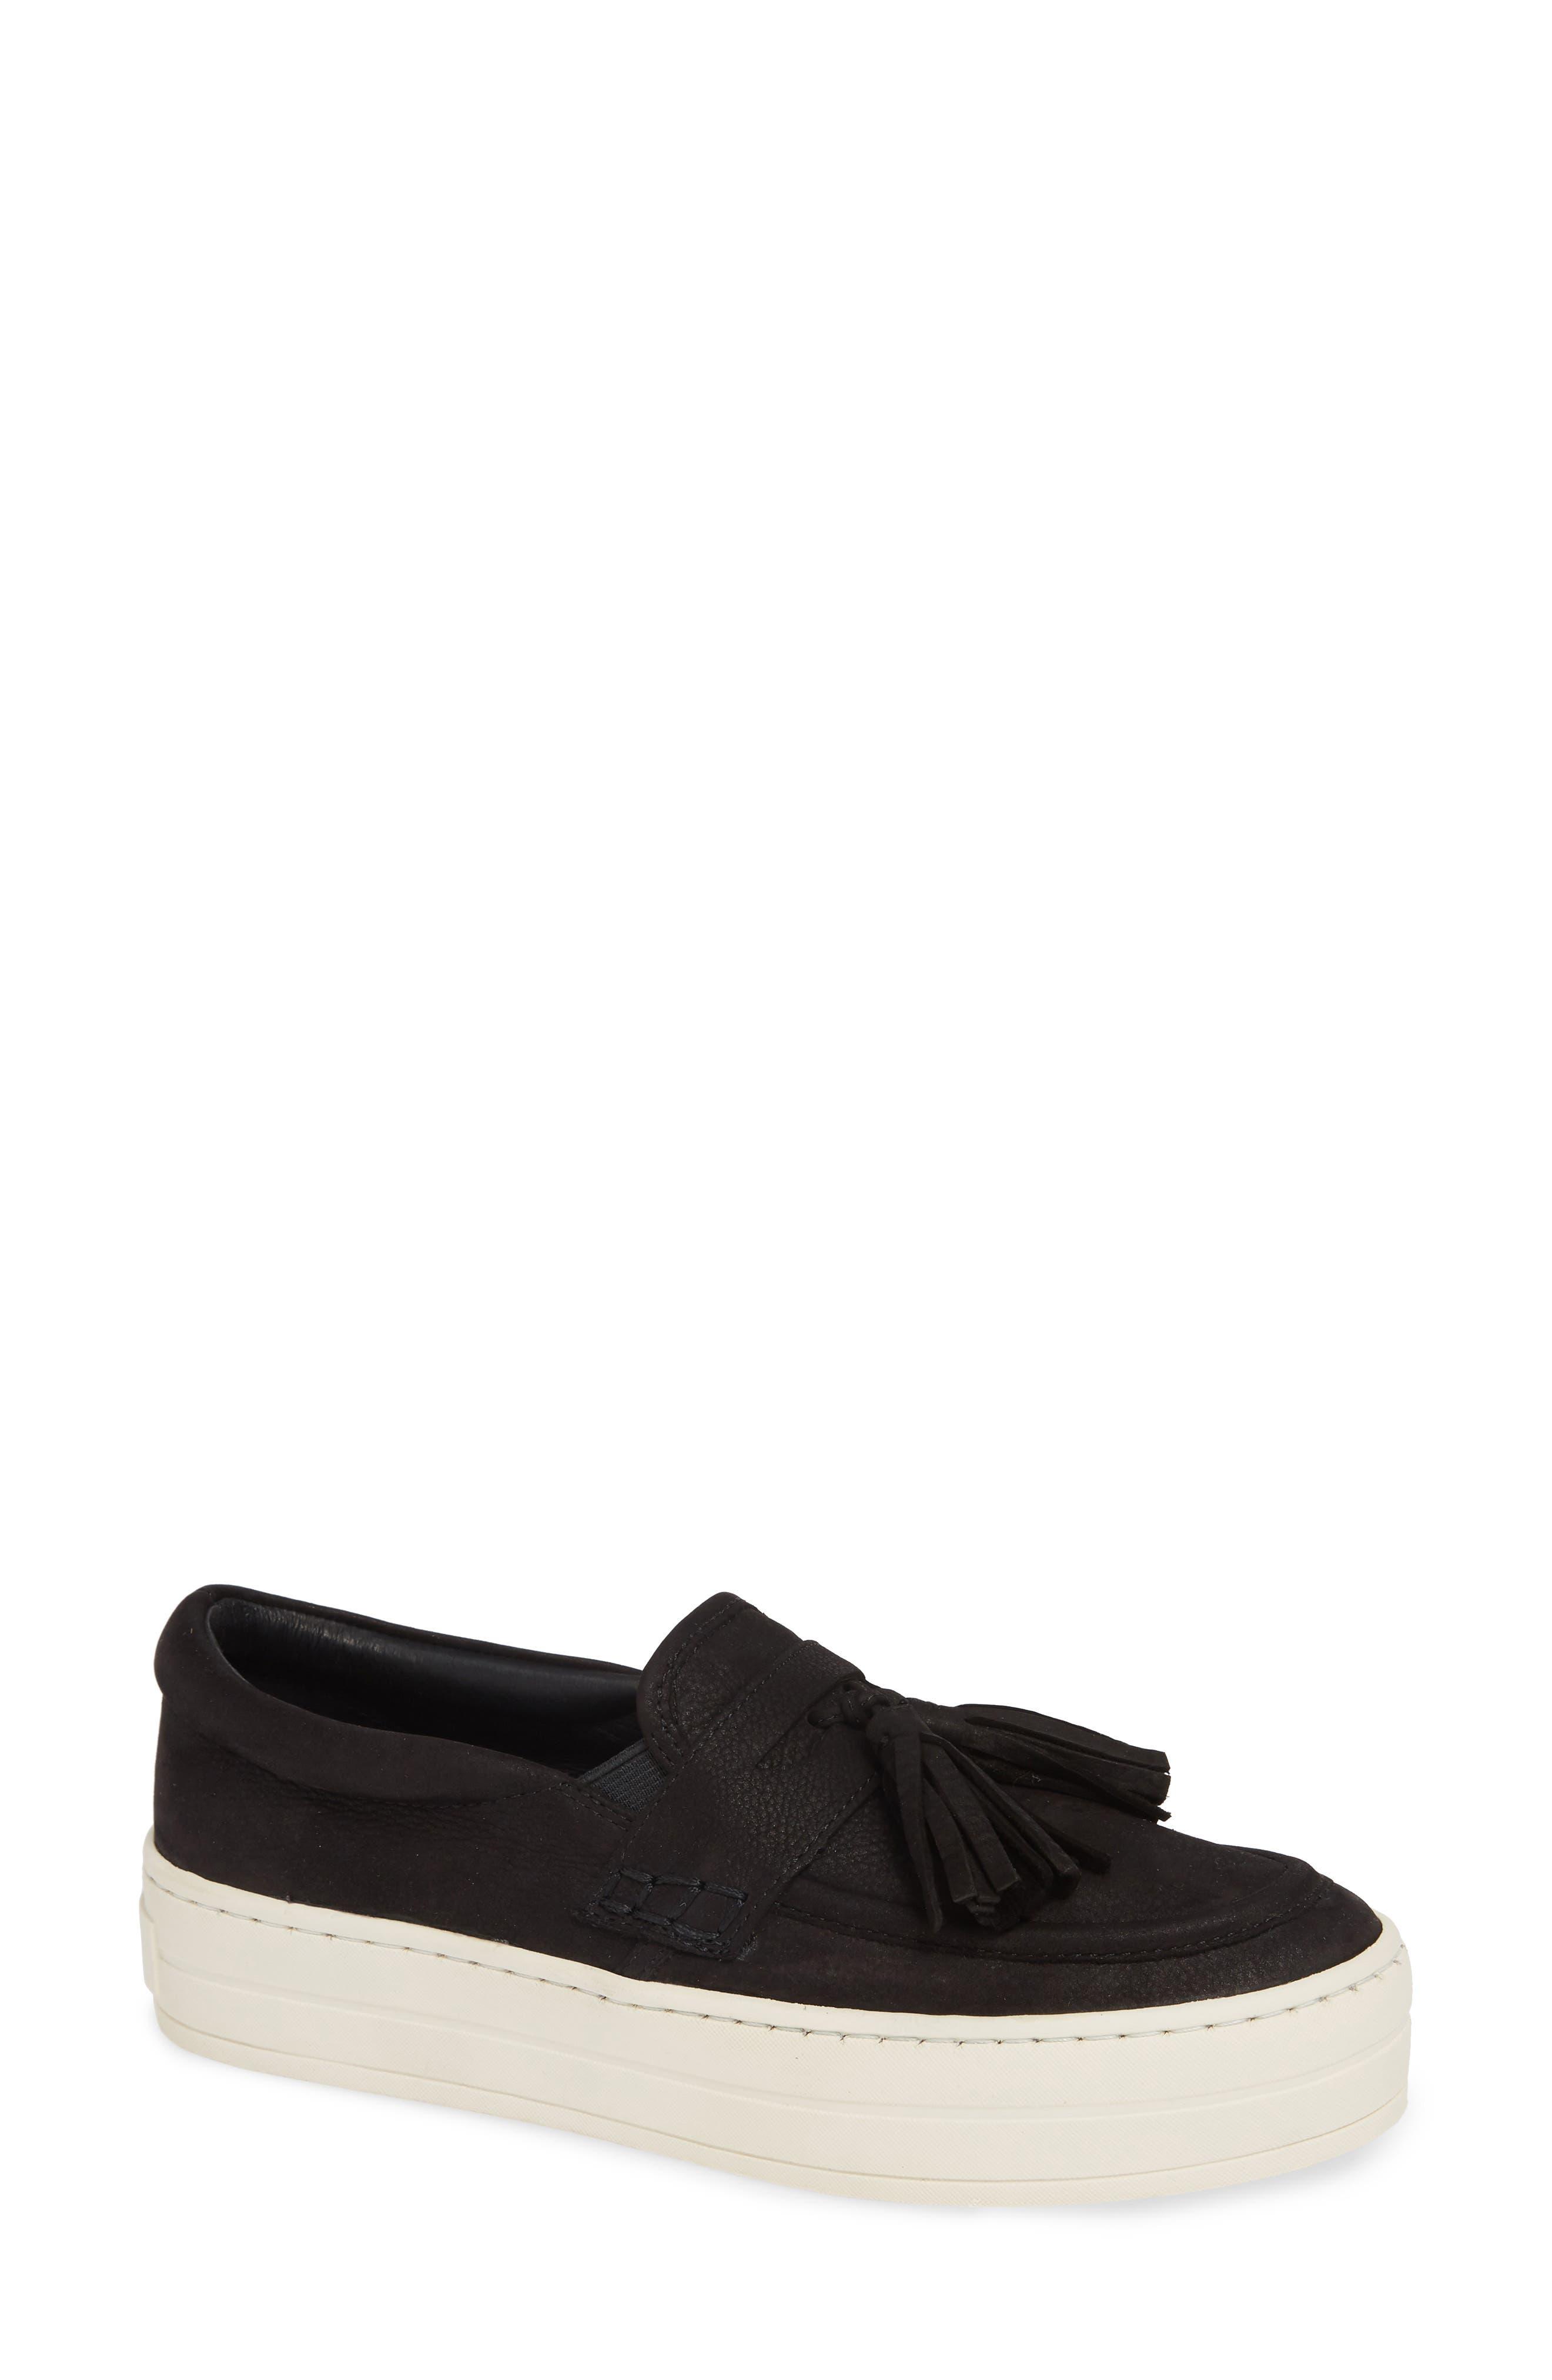 Jslides Hallie Slip-On Sneaker